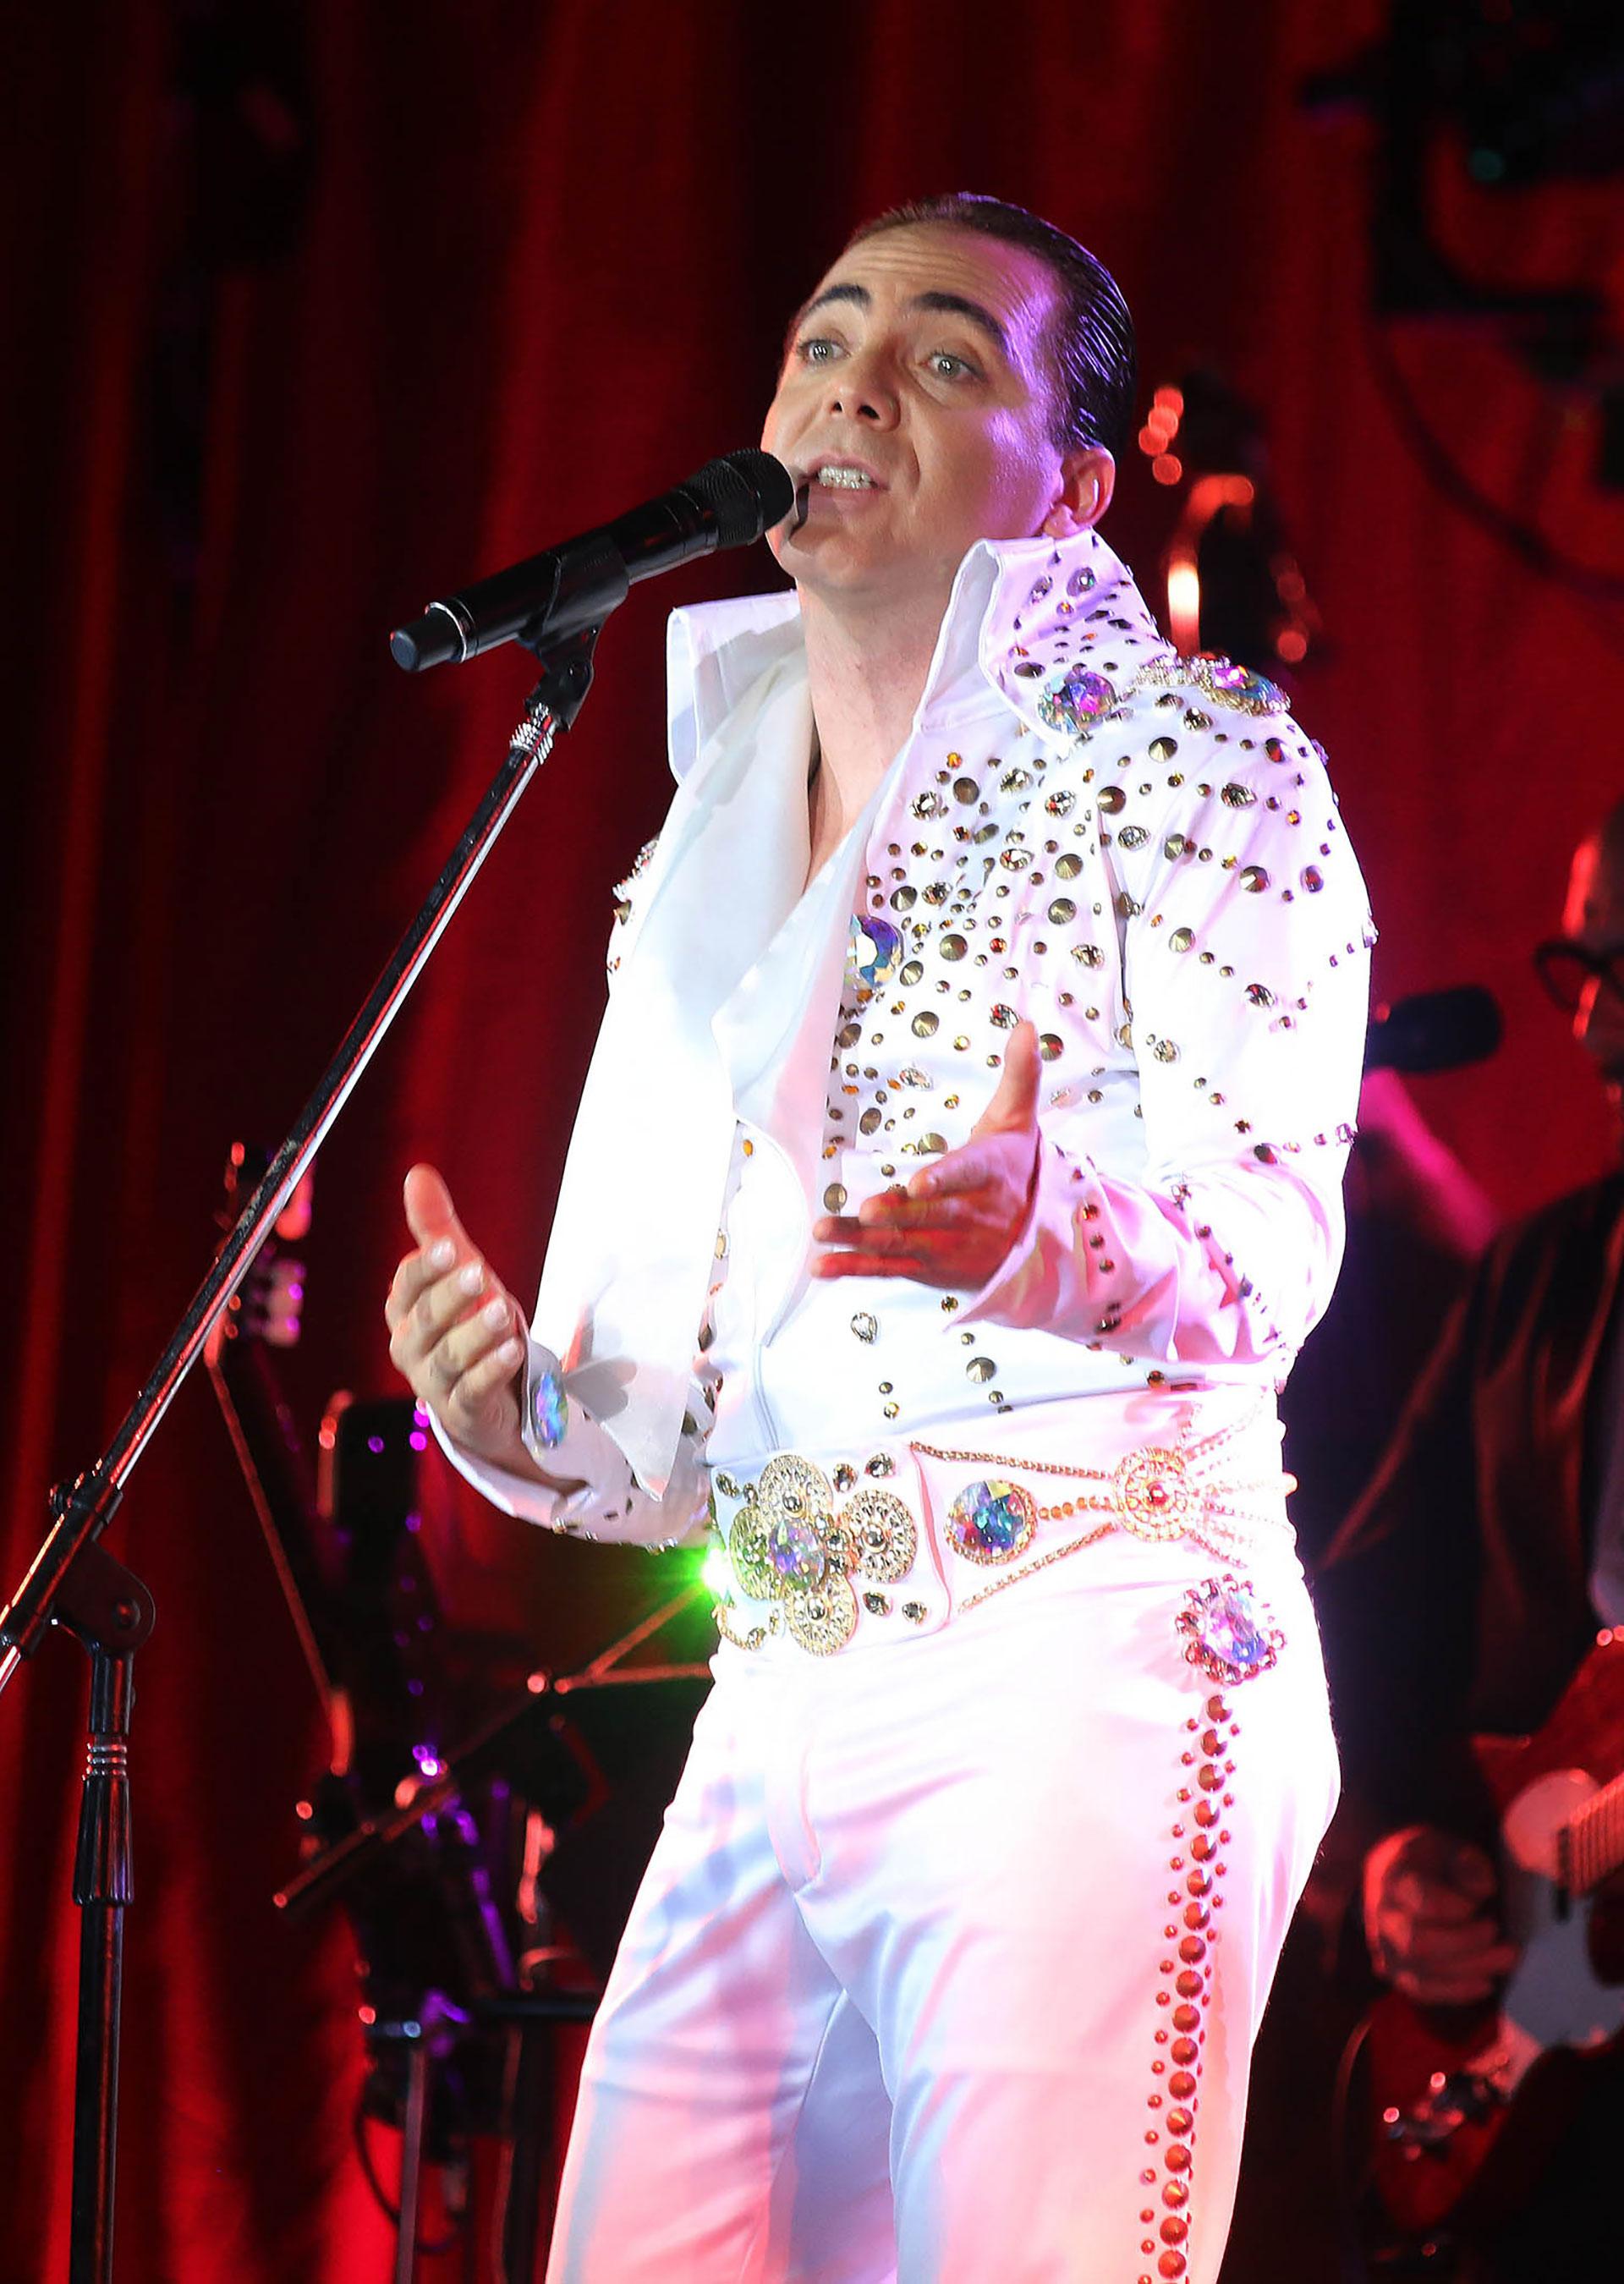 El cantante mexicano brindó un show en el Hotel Hilton en homenaje a Sandro (Verónica Guerman)